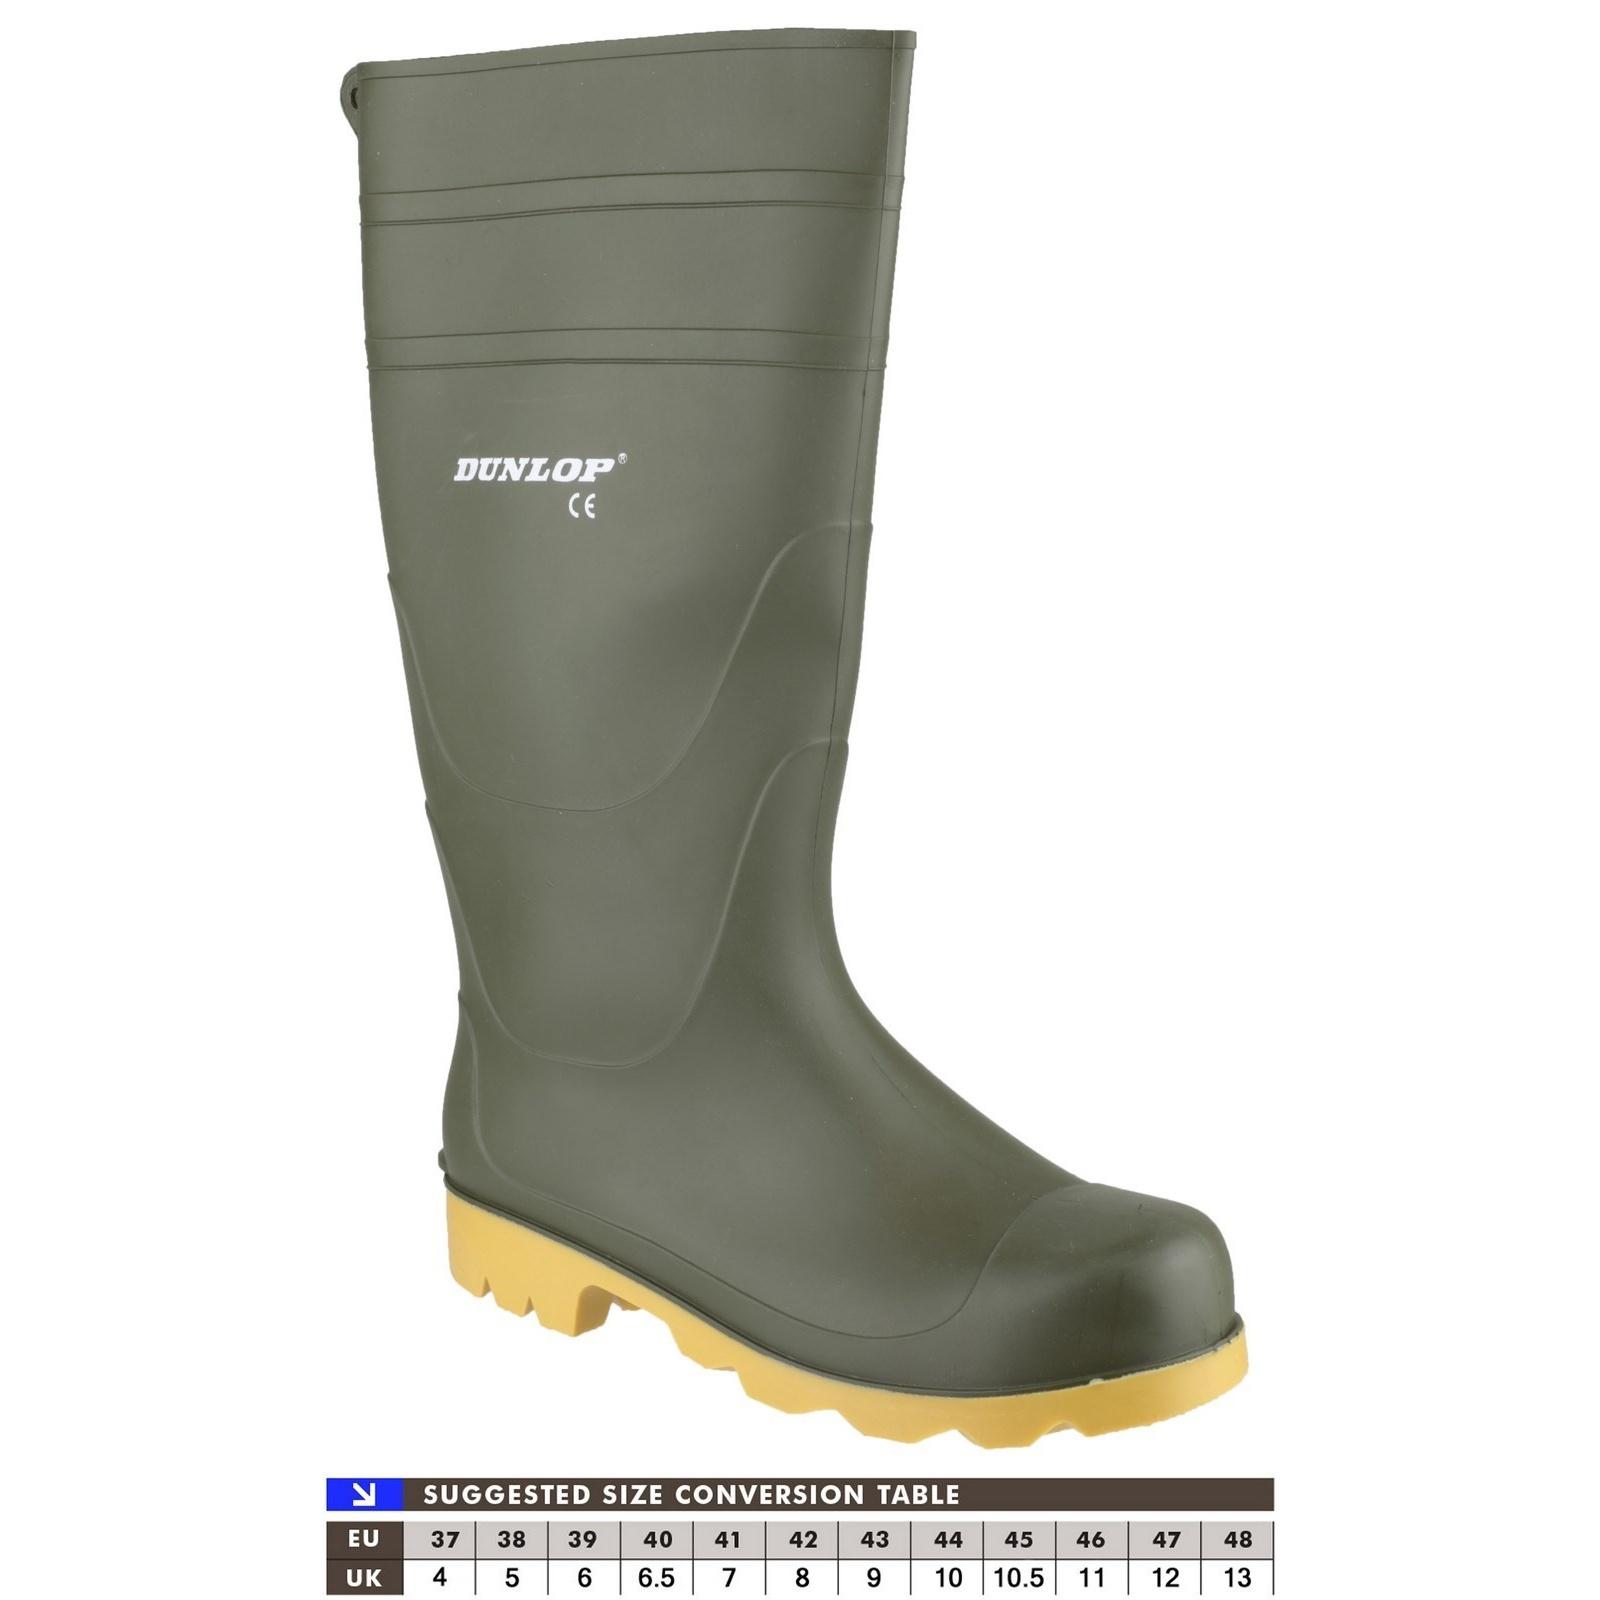 miniature 18 - Dunlop - Bottes en PVC - homme (FS102)